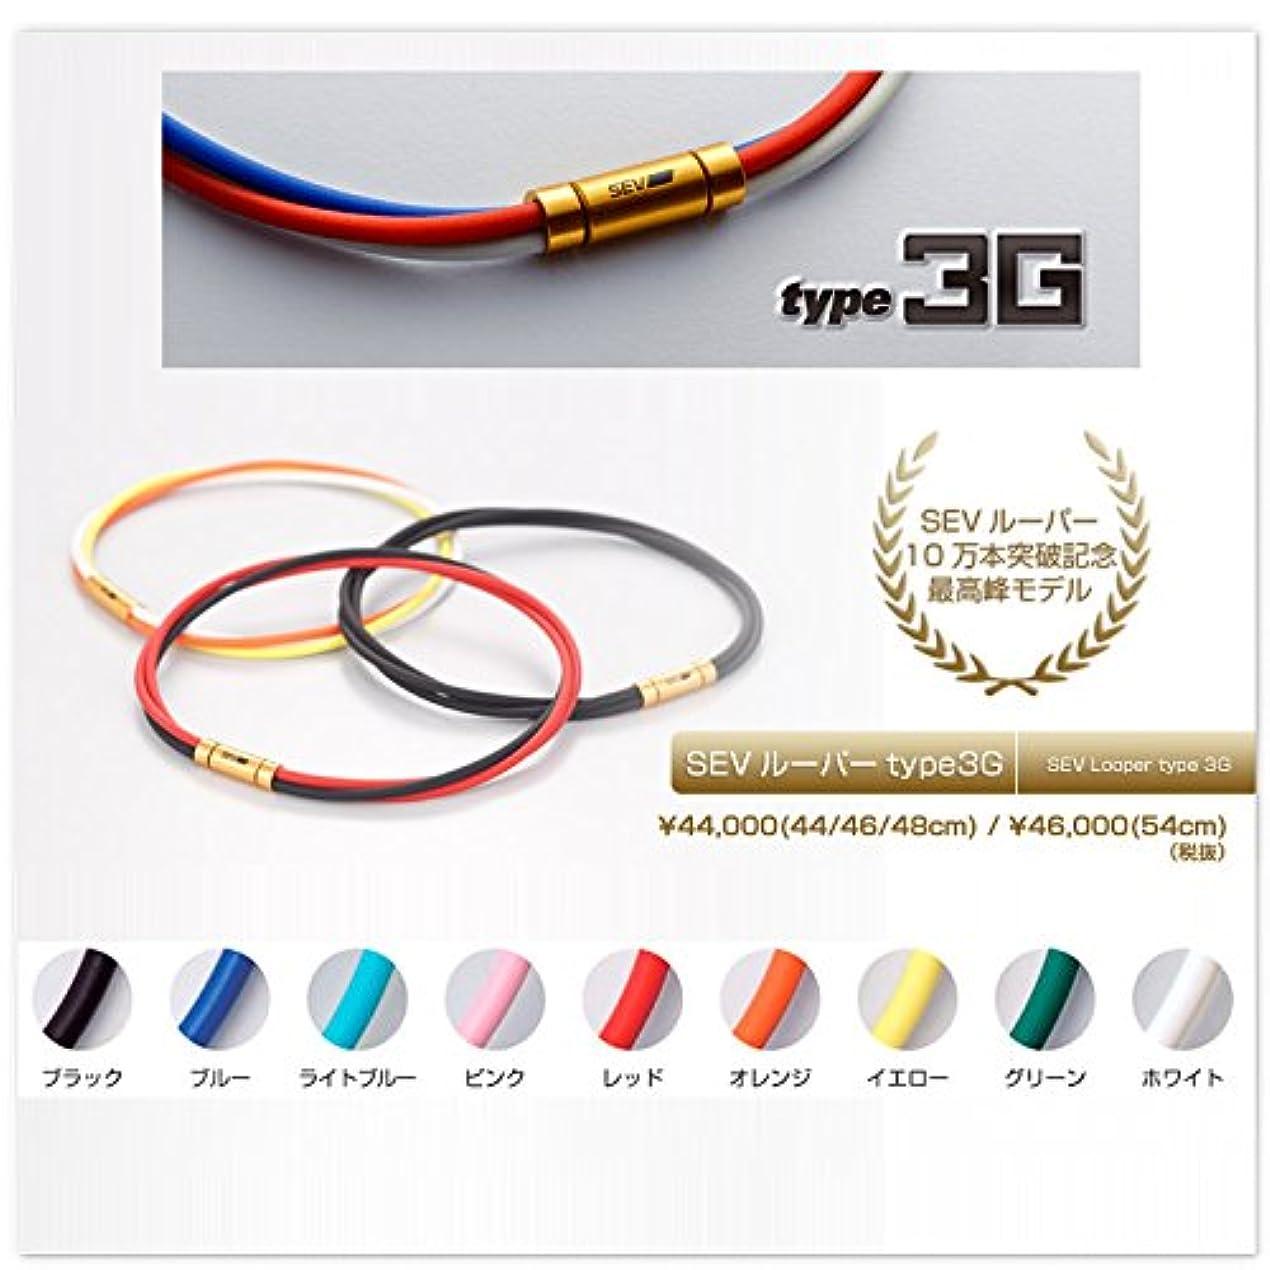 削除する寄稿者保全SEV Looper(ルーパー) type 3G 48cm ブラック * グリーン * イエロー